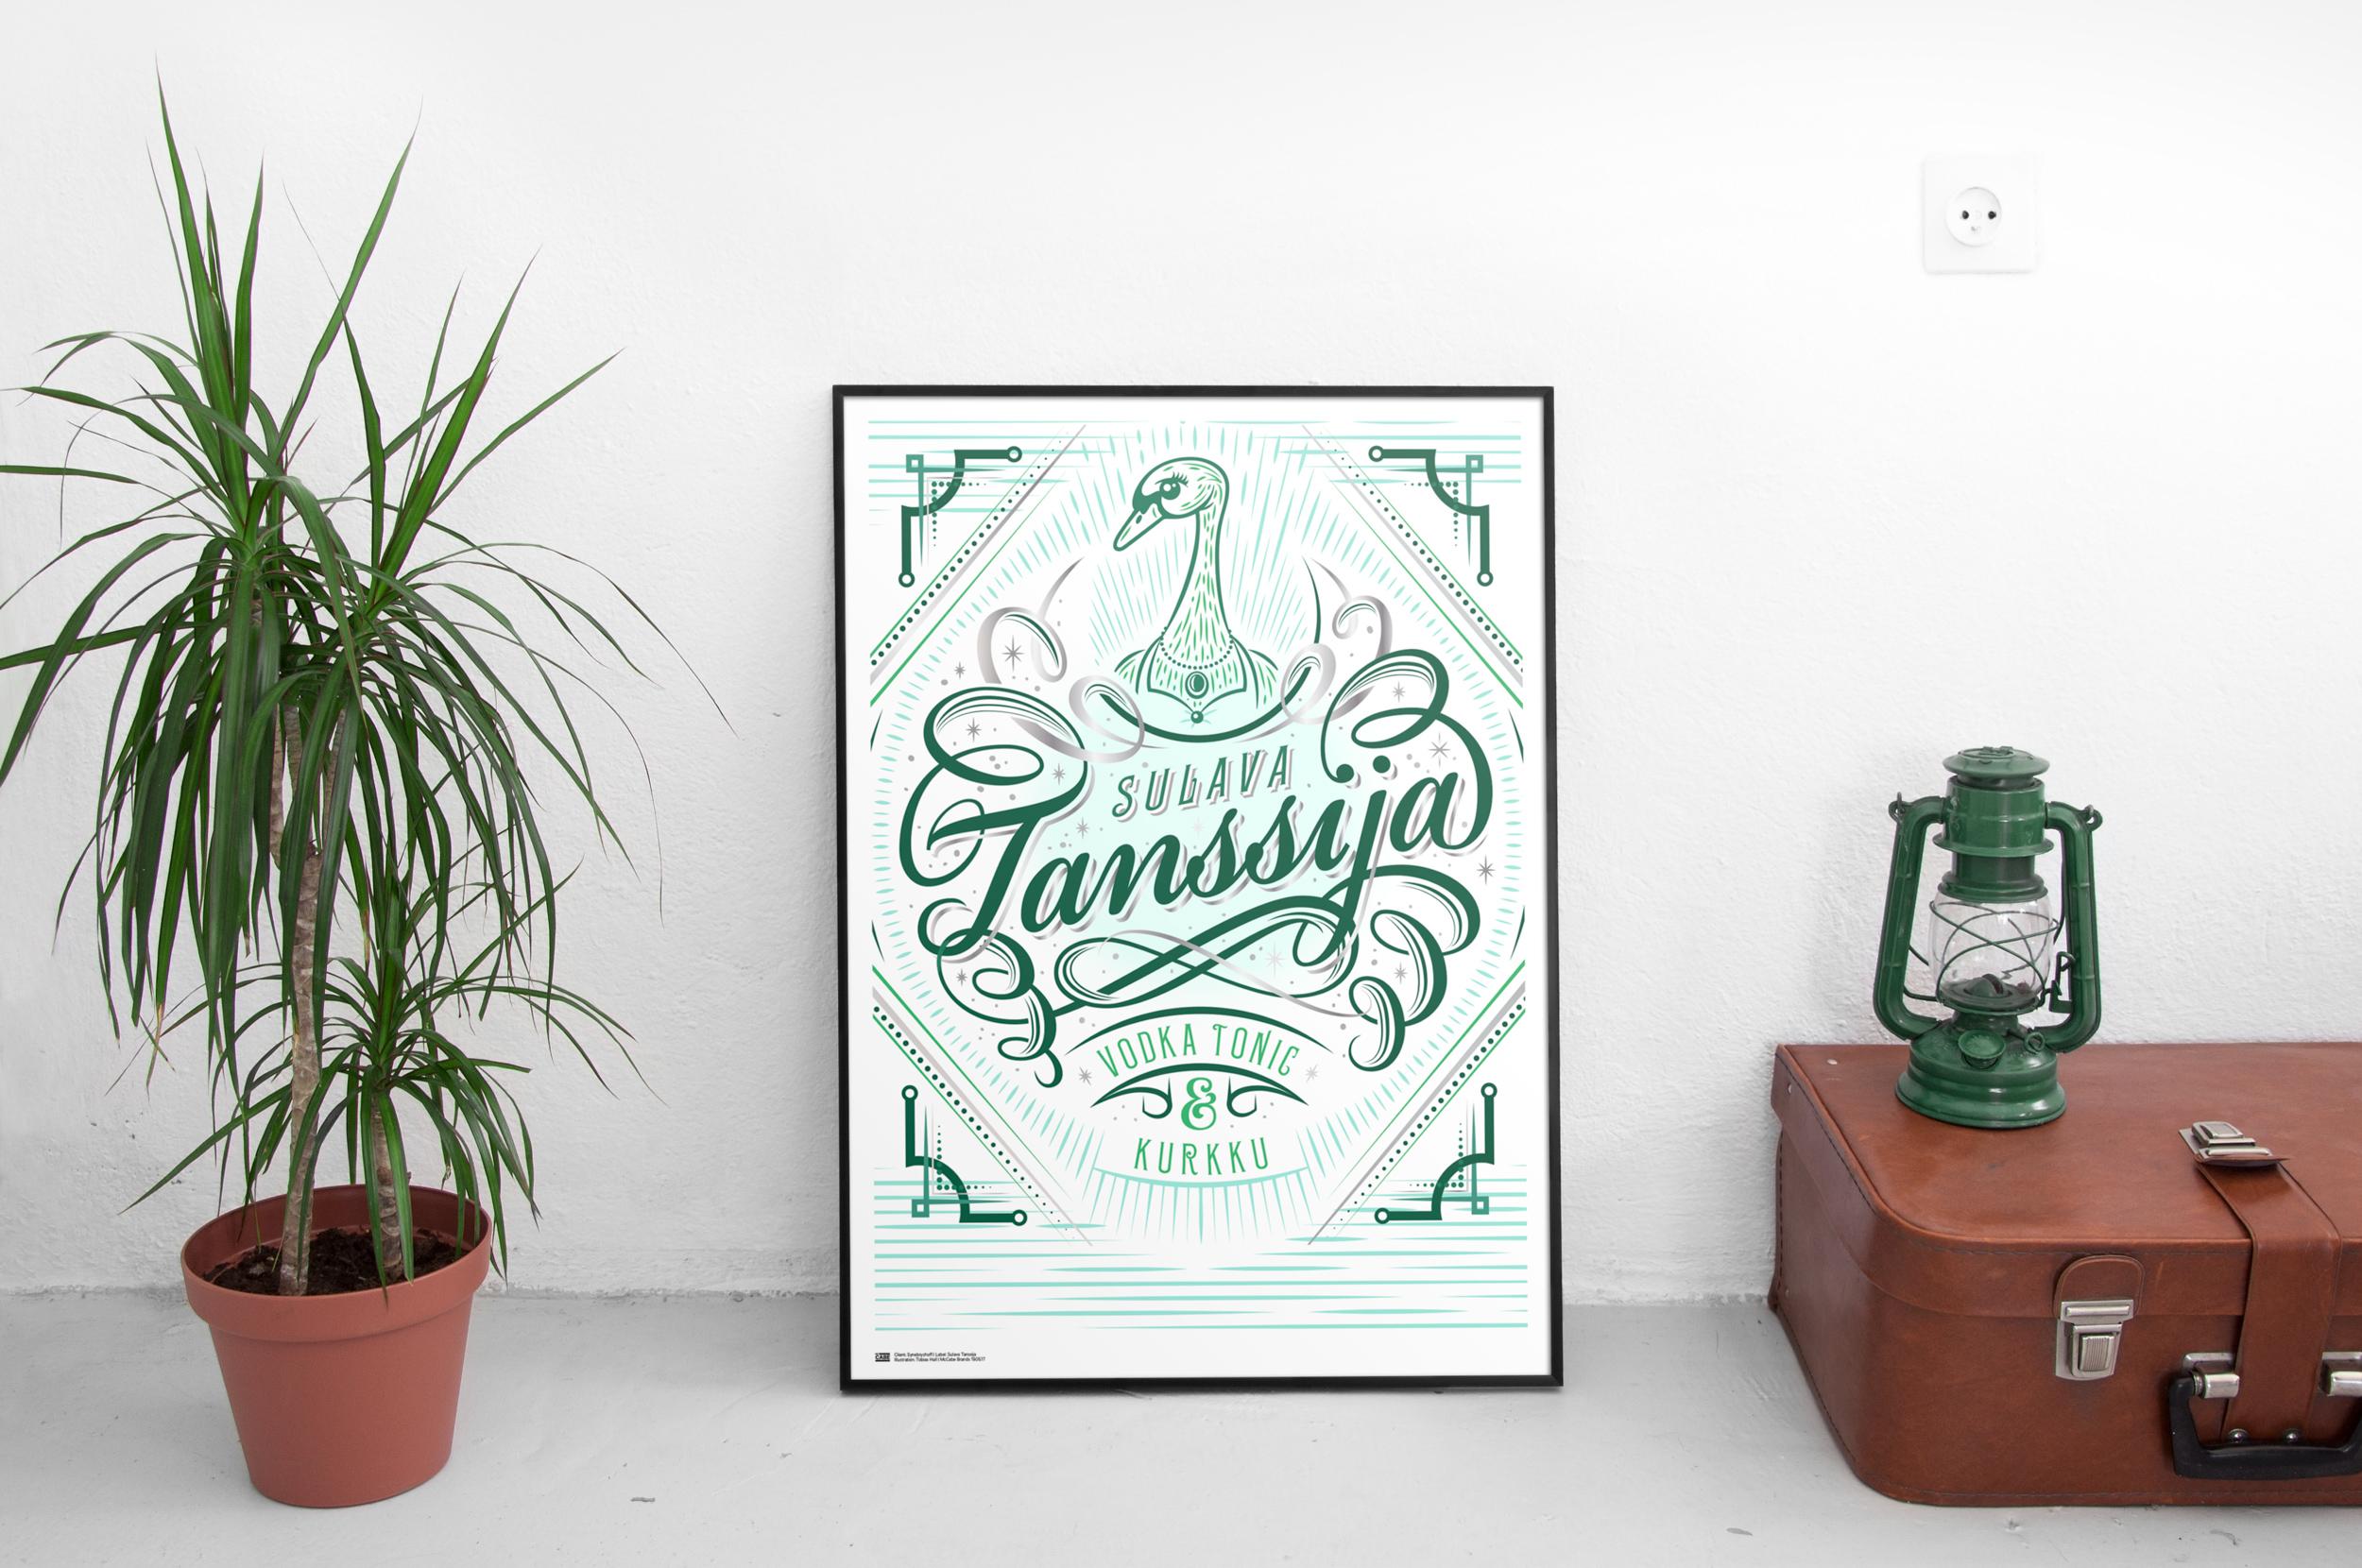 Poster_Trokari_Tanssija